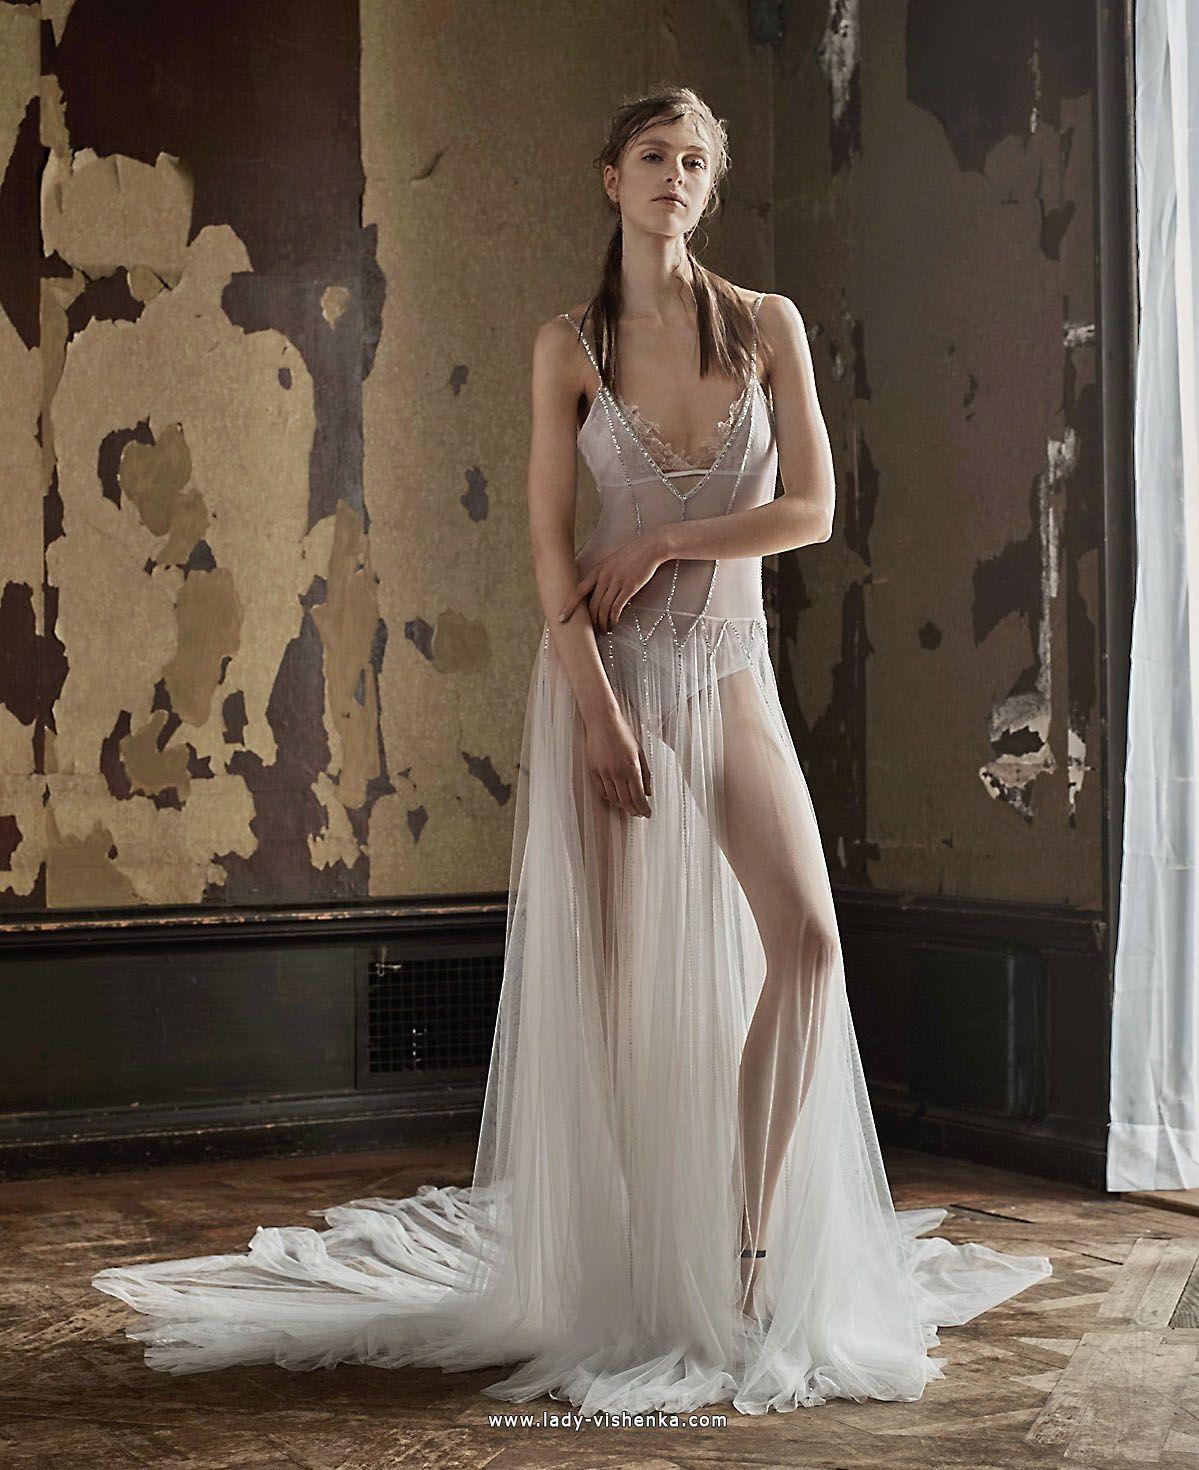 Vera wang hochzeitskleider online dating